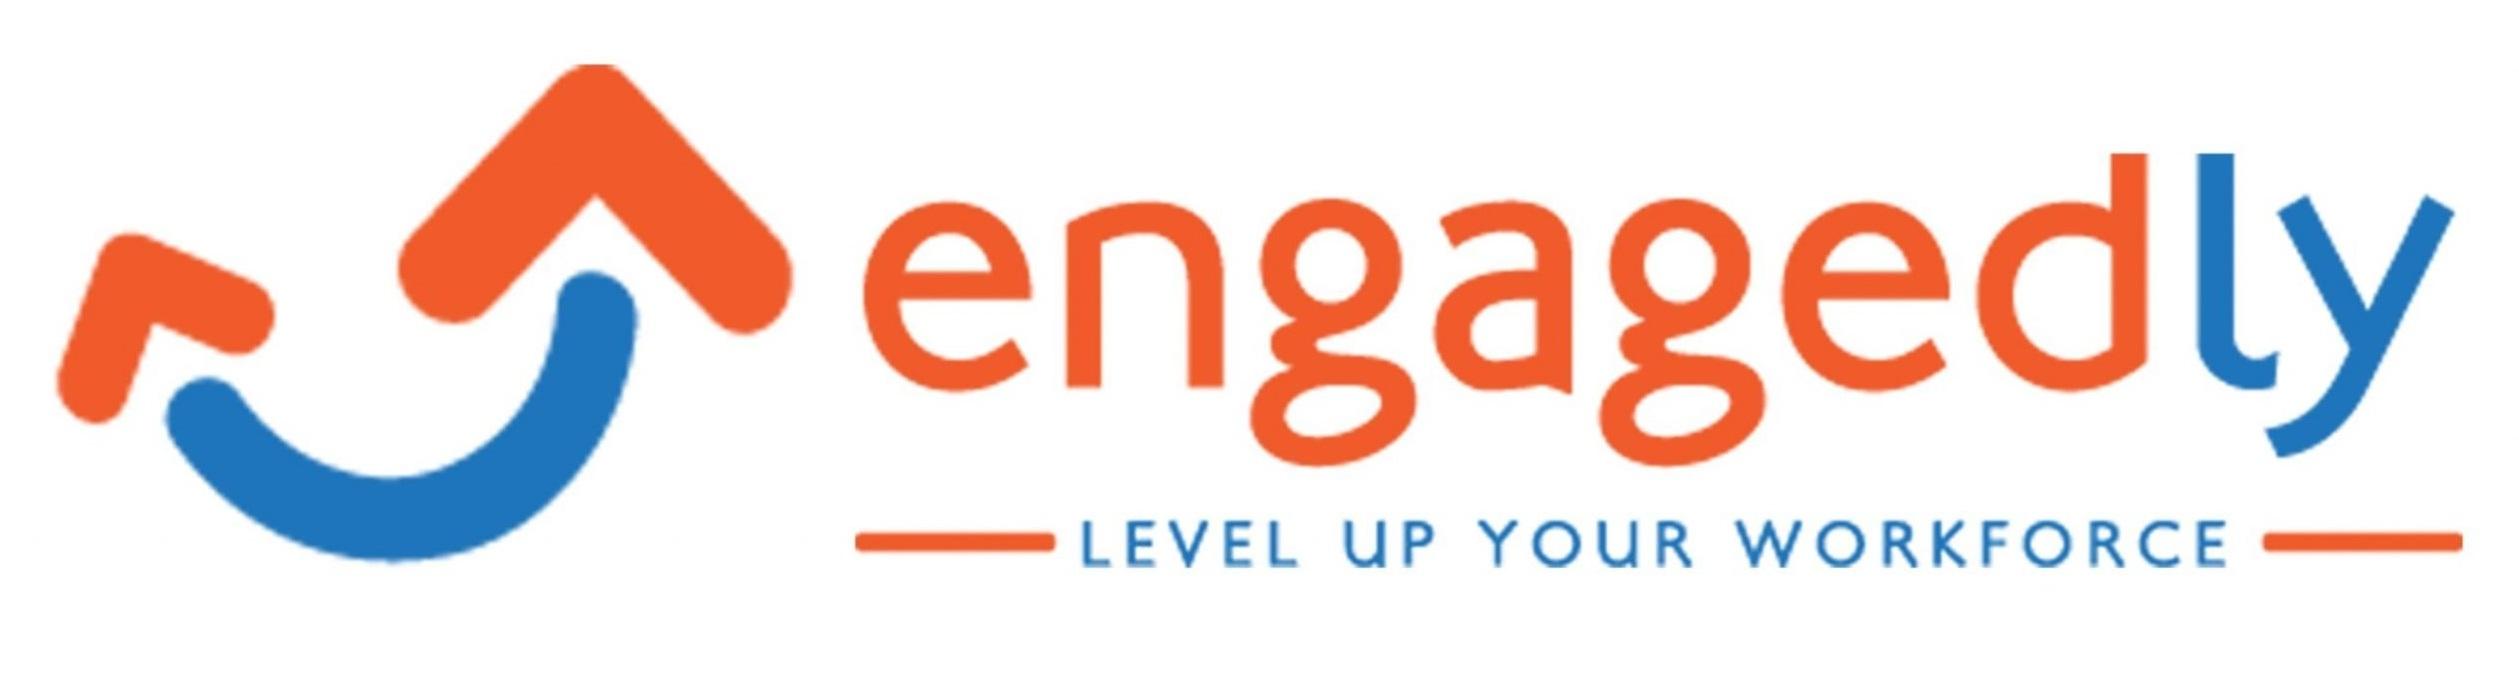 Engagedly_Logo-scaled